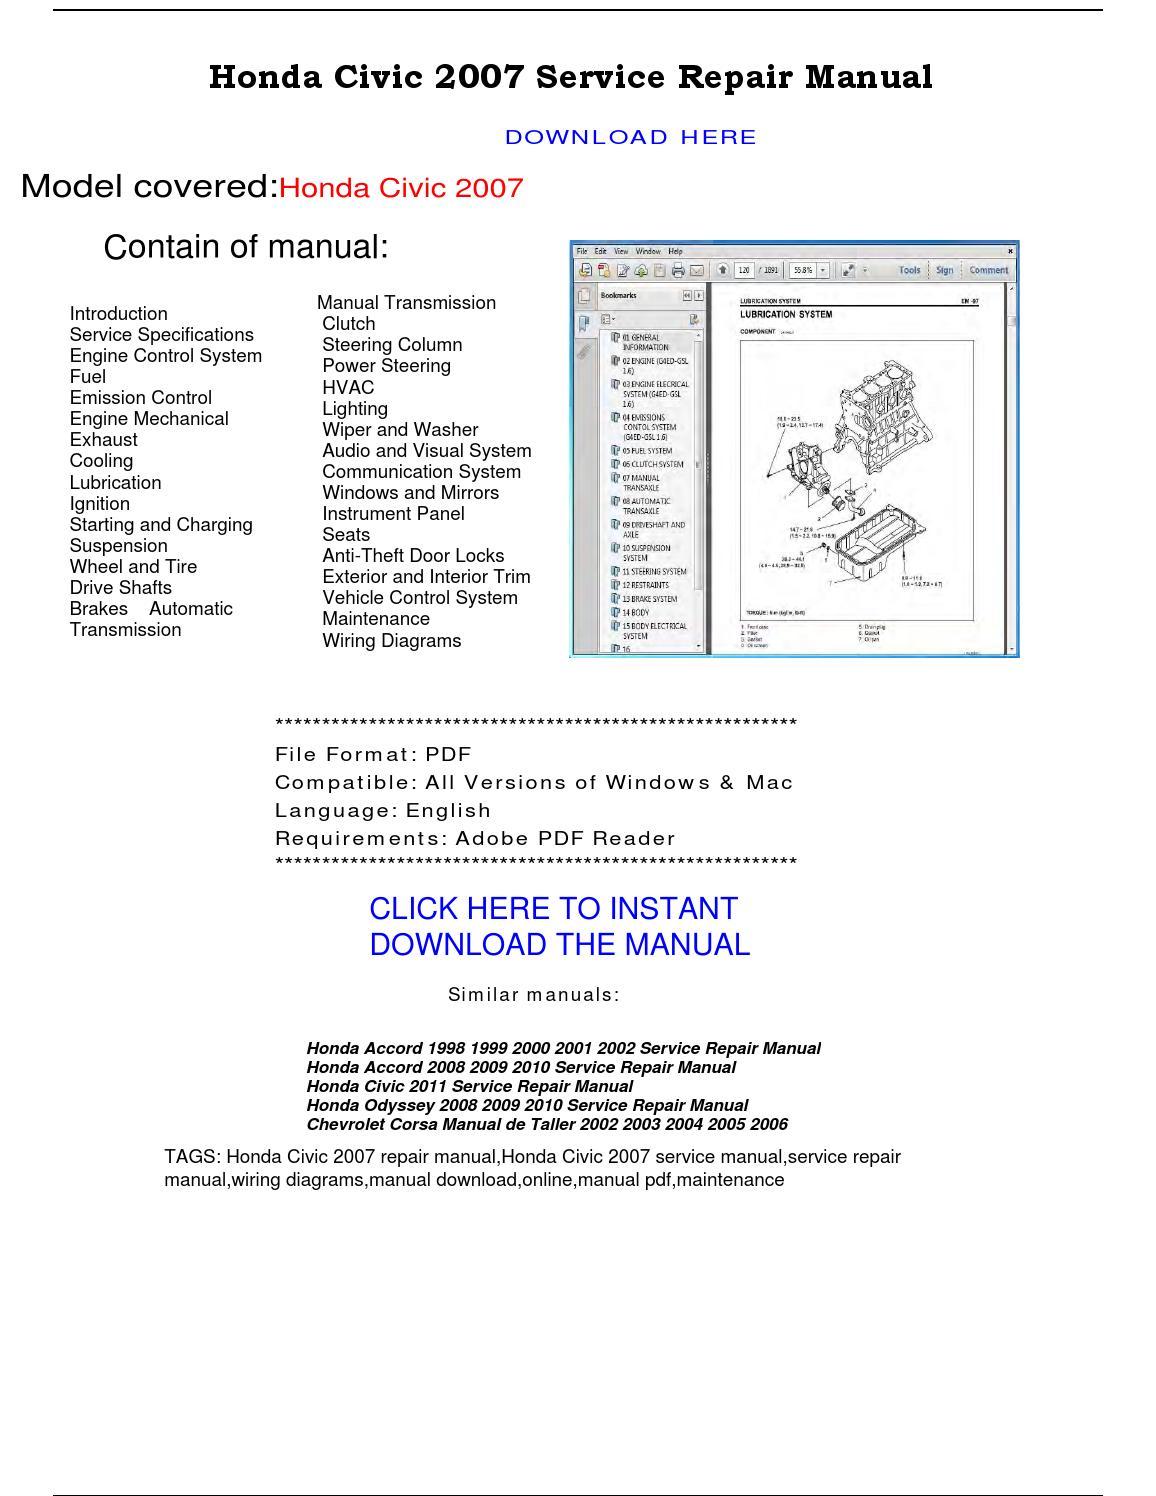 Honda Civic 2007 Service Repair Manual By Repairmanualpdf